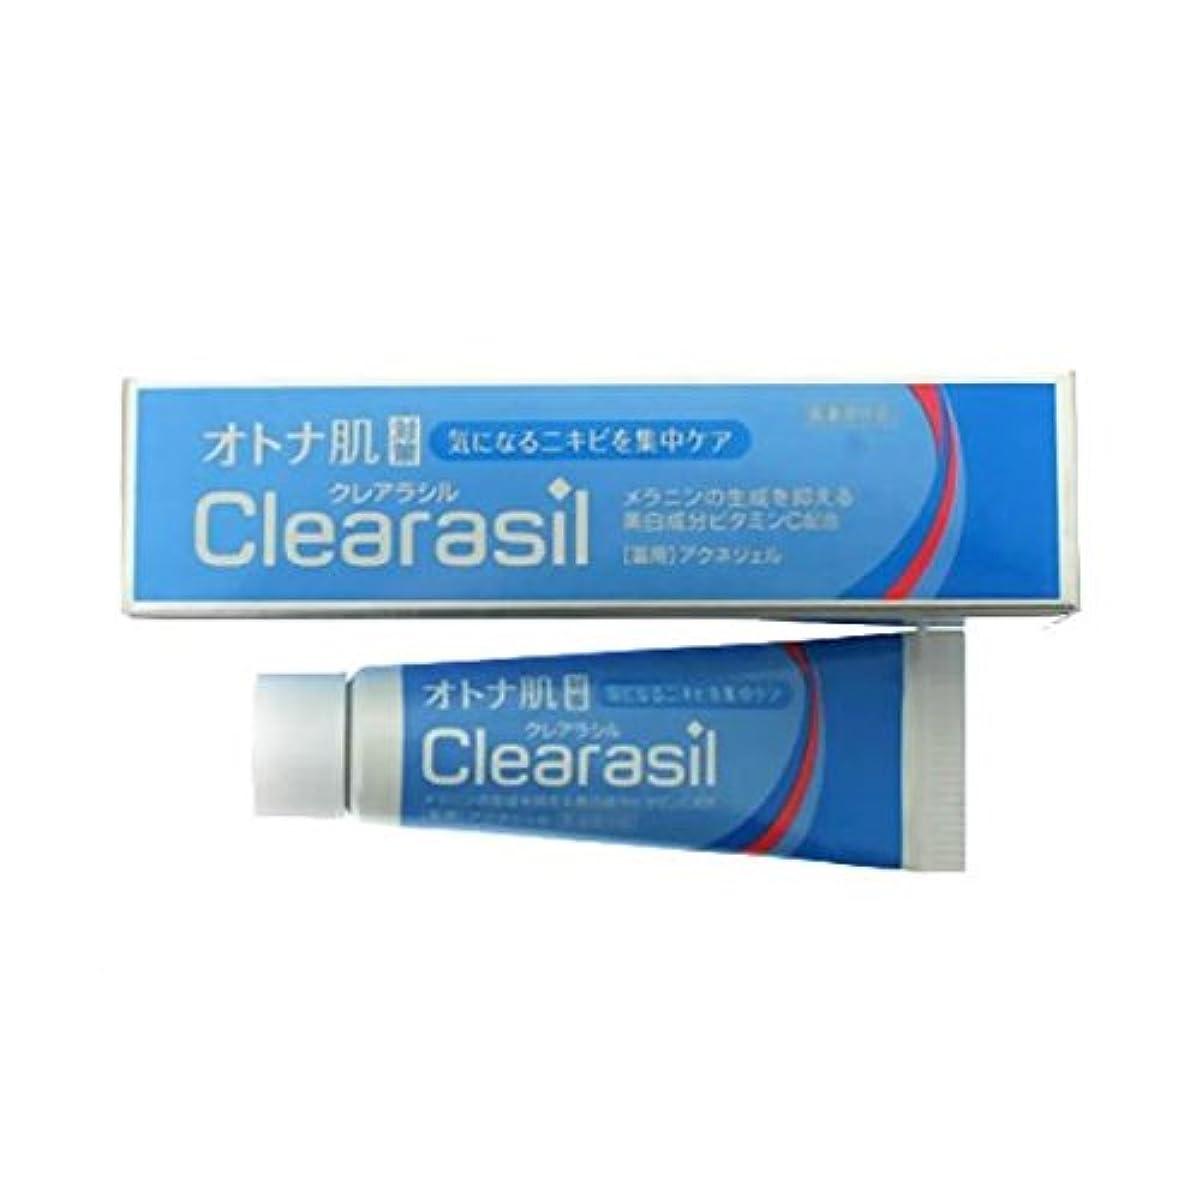 肯定的クリスチャン亜熱帯オトナ肌対策クレアラシル 薬用アクネジェル(14g) ×2セット